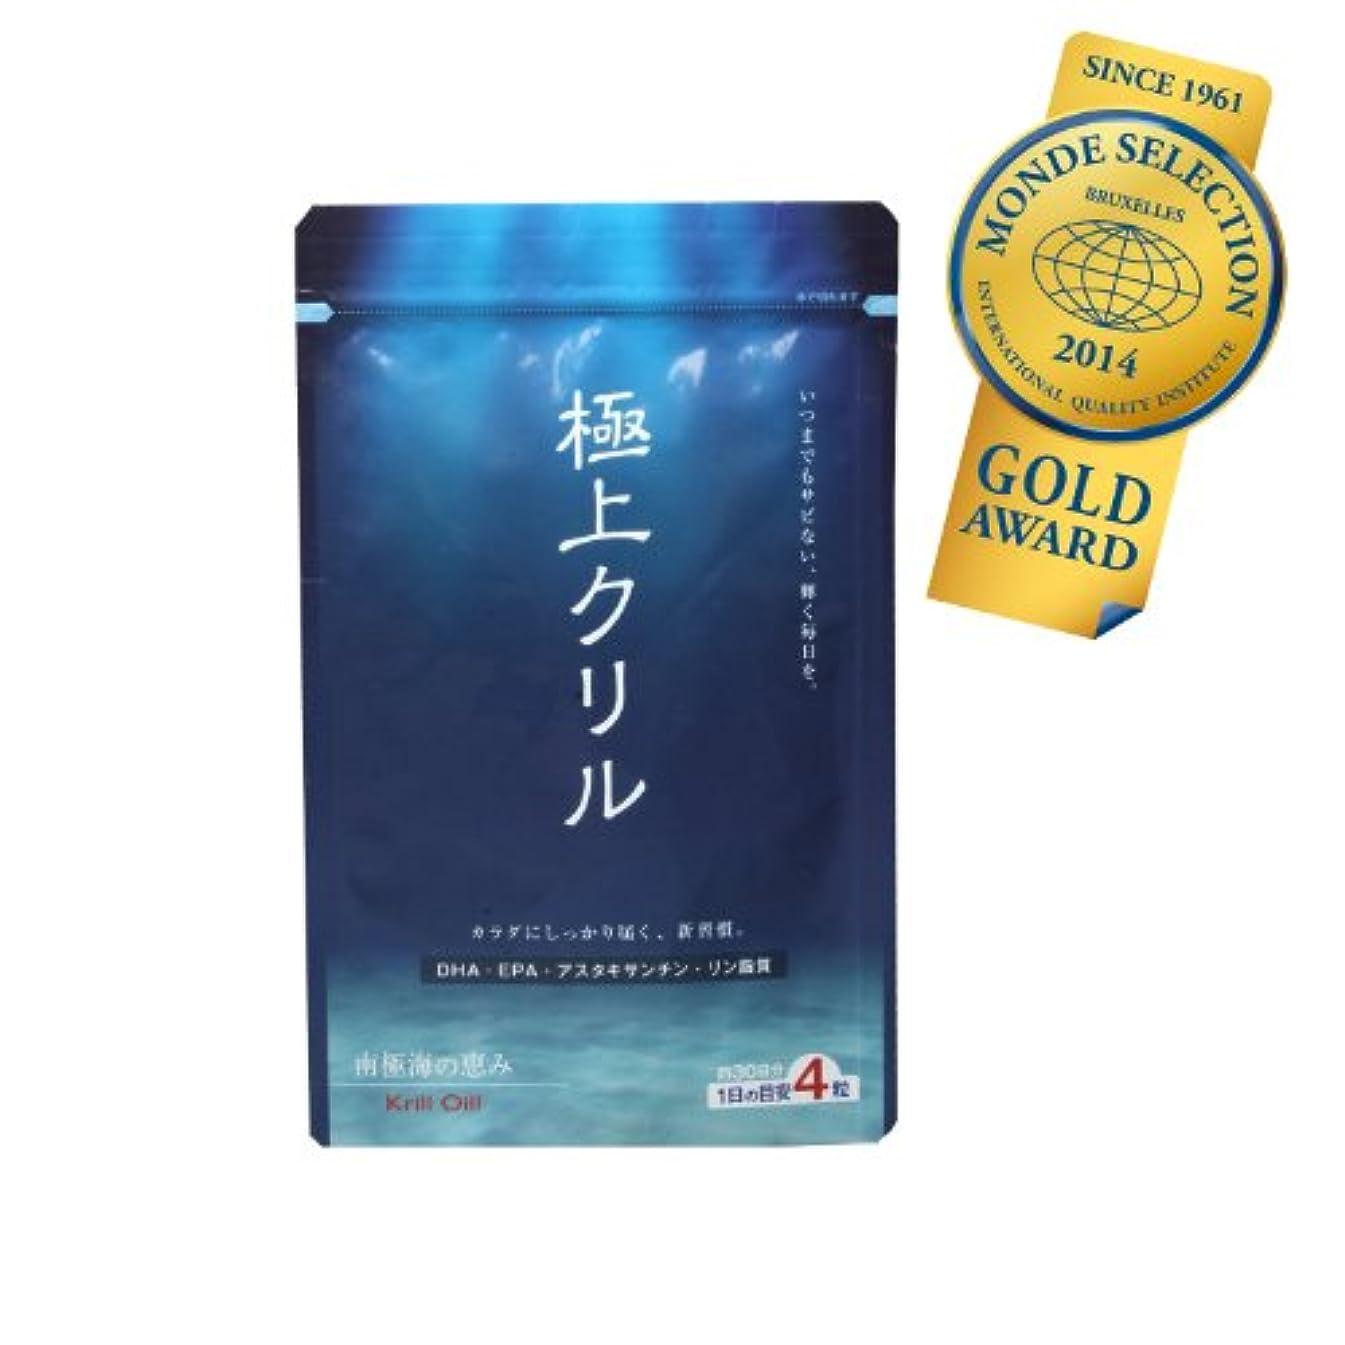 雄大なバランスのとれたひばり極上クリル120粒 100%クリルオイル (約1ヶ月分) 日本製×3袋セット